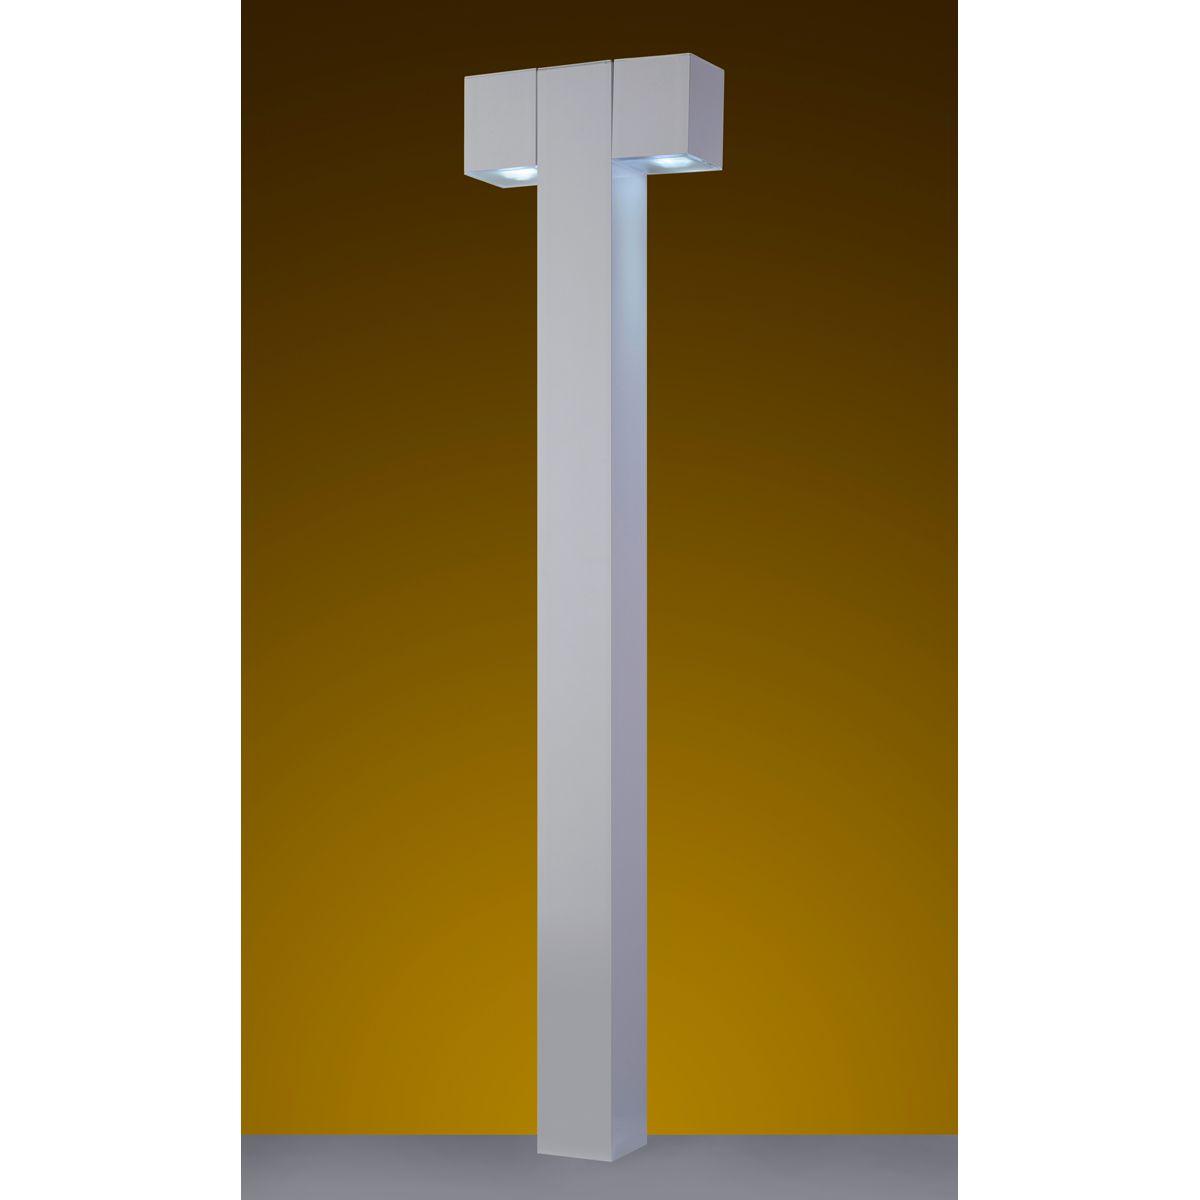 """Balizador Cube Tubo Quadrado 3"""" 02 GU10 100cm Tampa inferior em Policarbonato com AntiUV - Branca Microtexturizada"""